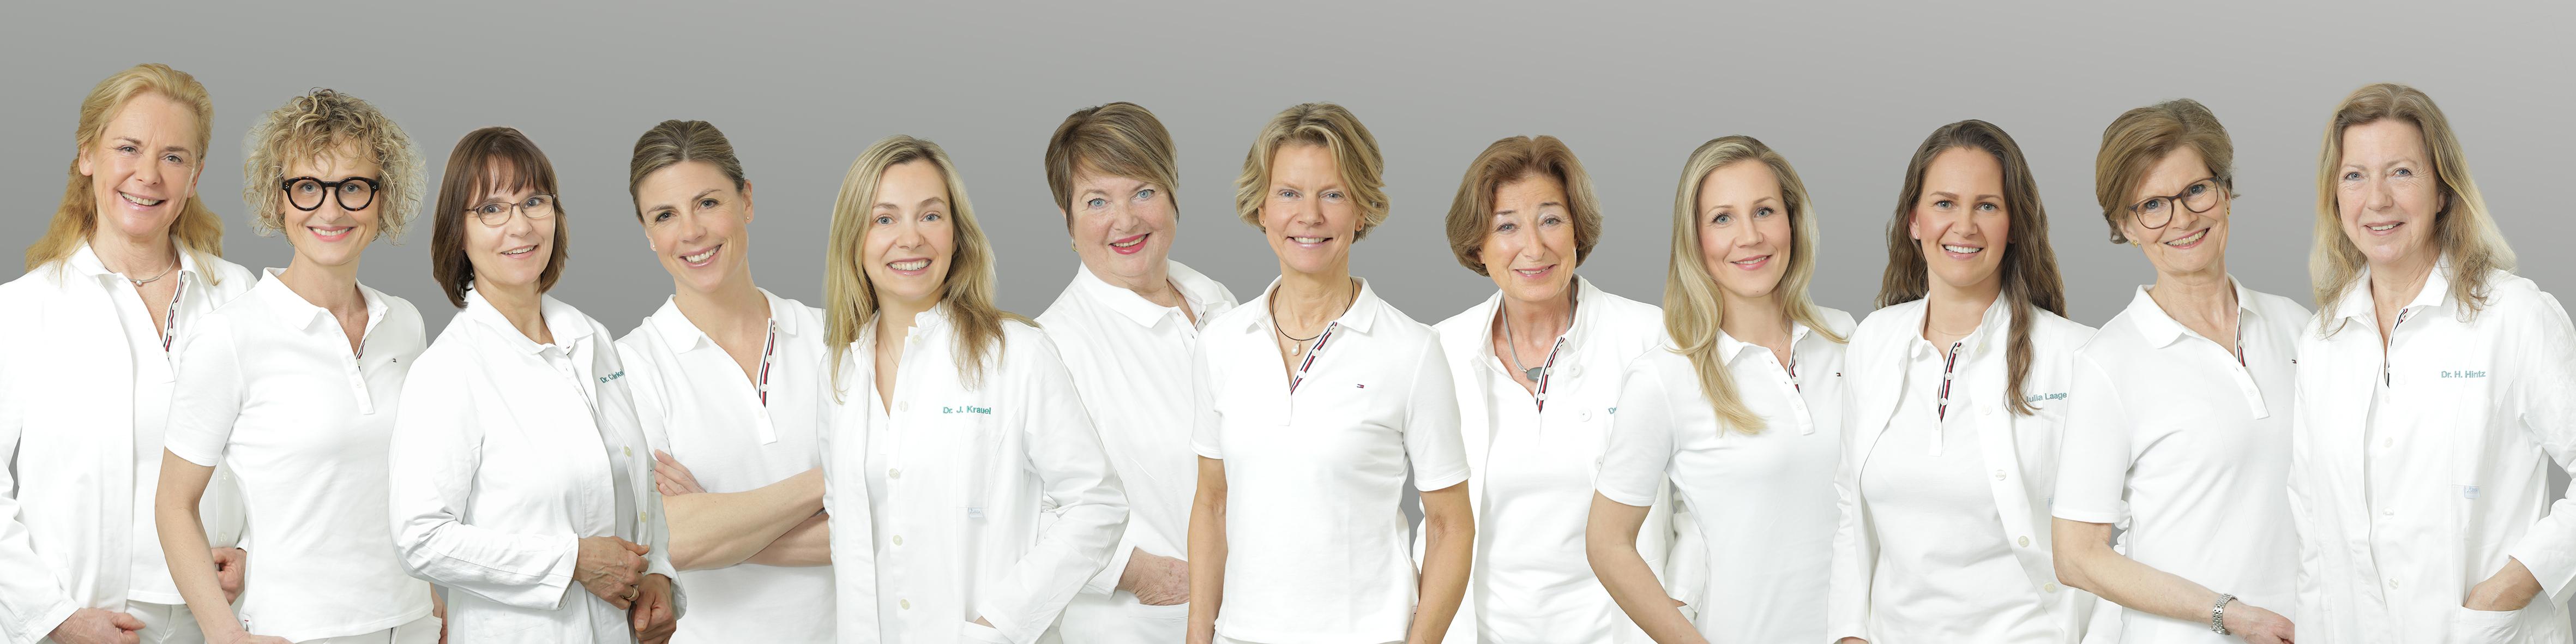 Das Team der Anästhesie Martinistrasse 78